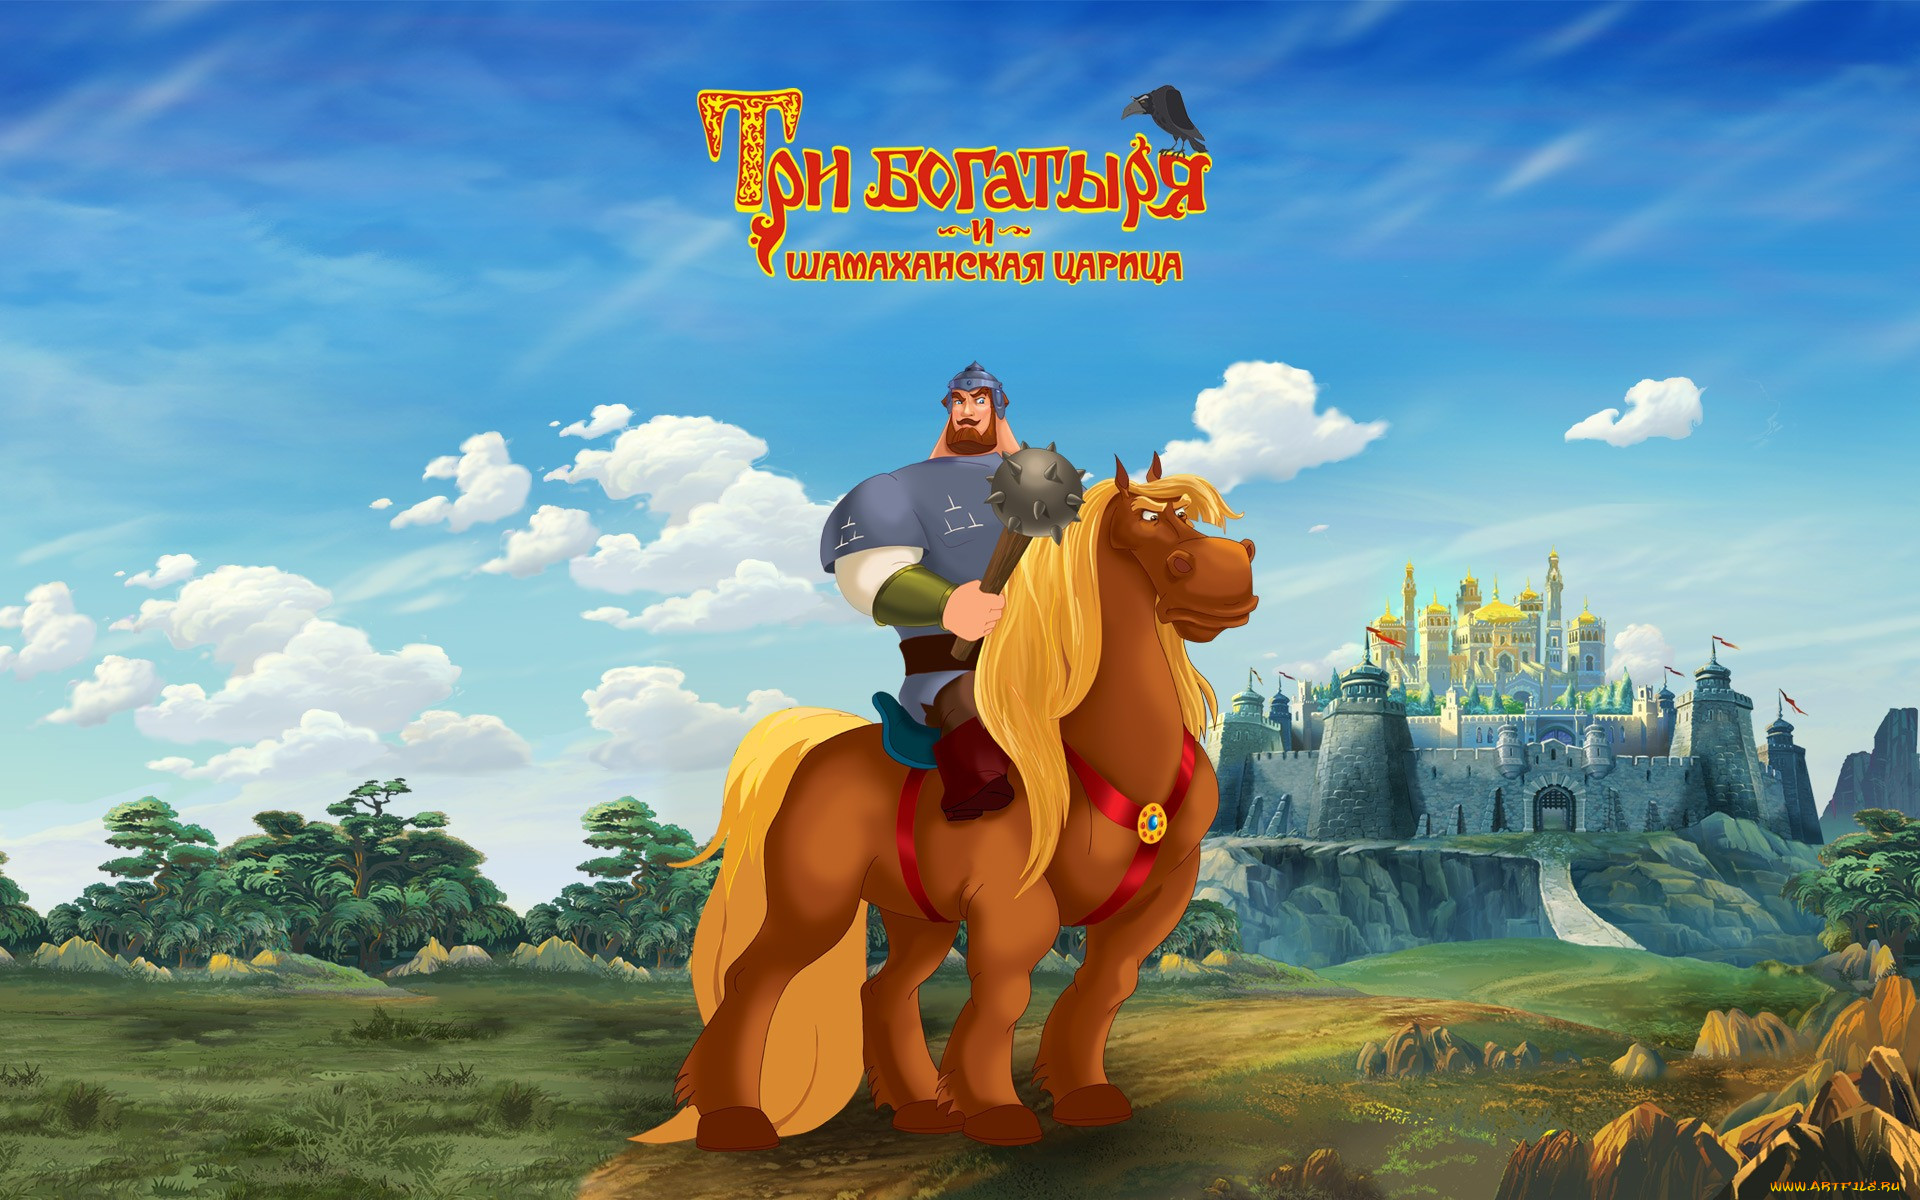 Картинка три богатыря на коне